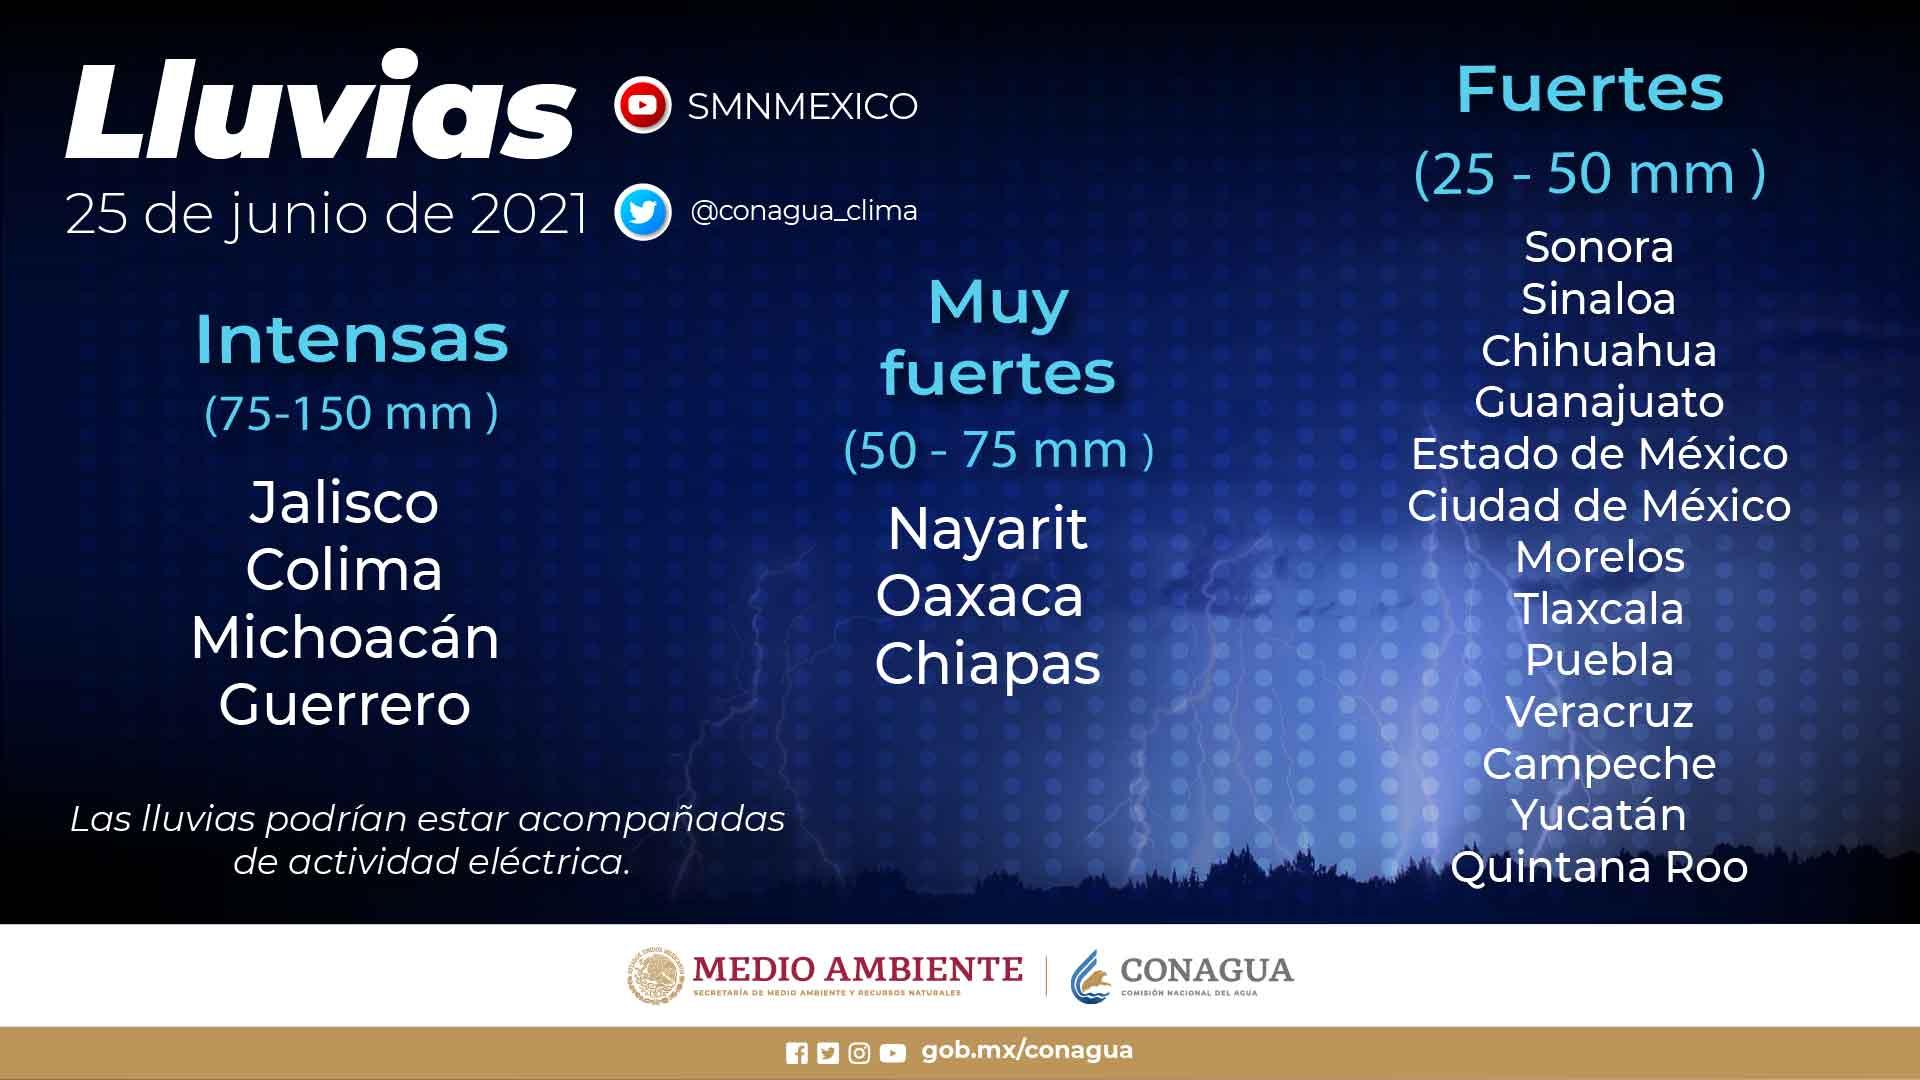 Enrique mantendrá las lluvias puntuales intensas en Colima, Guerrero, Jalisco y Michoacán en las próximas horas